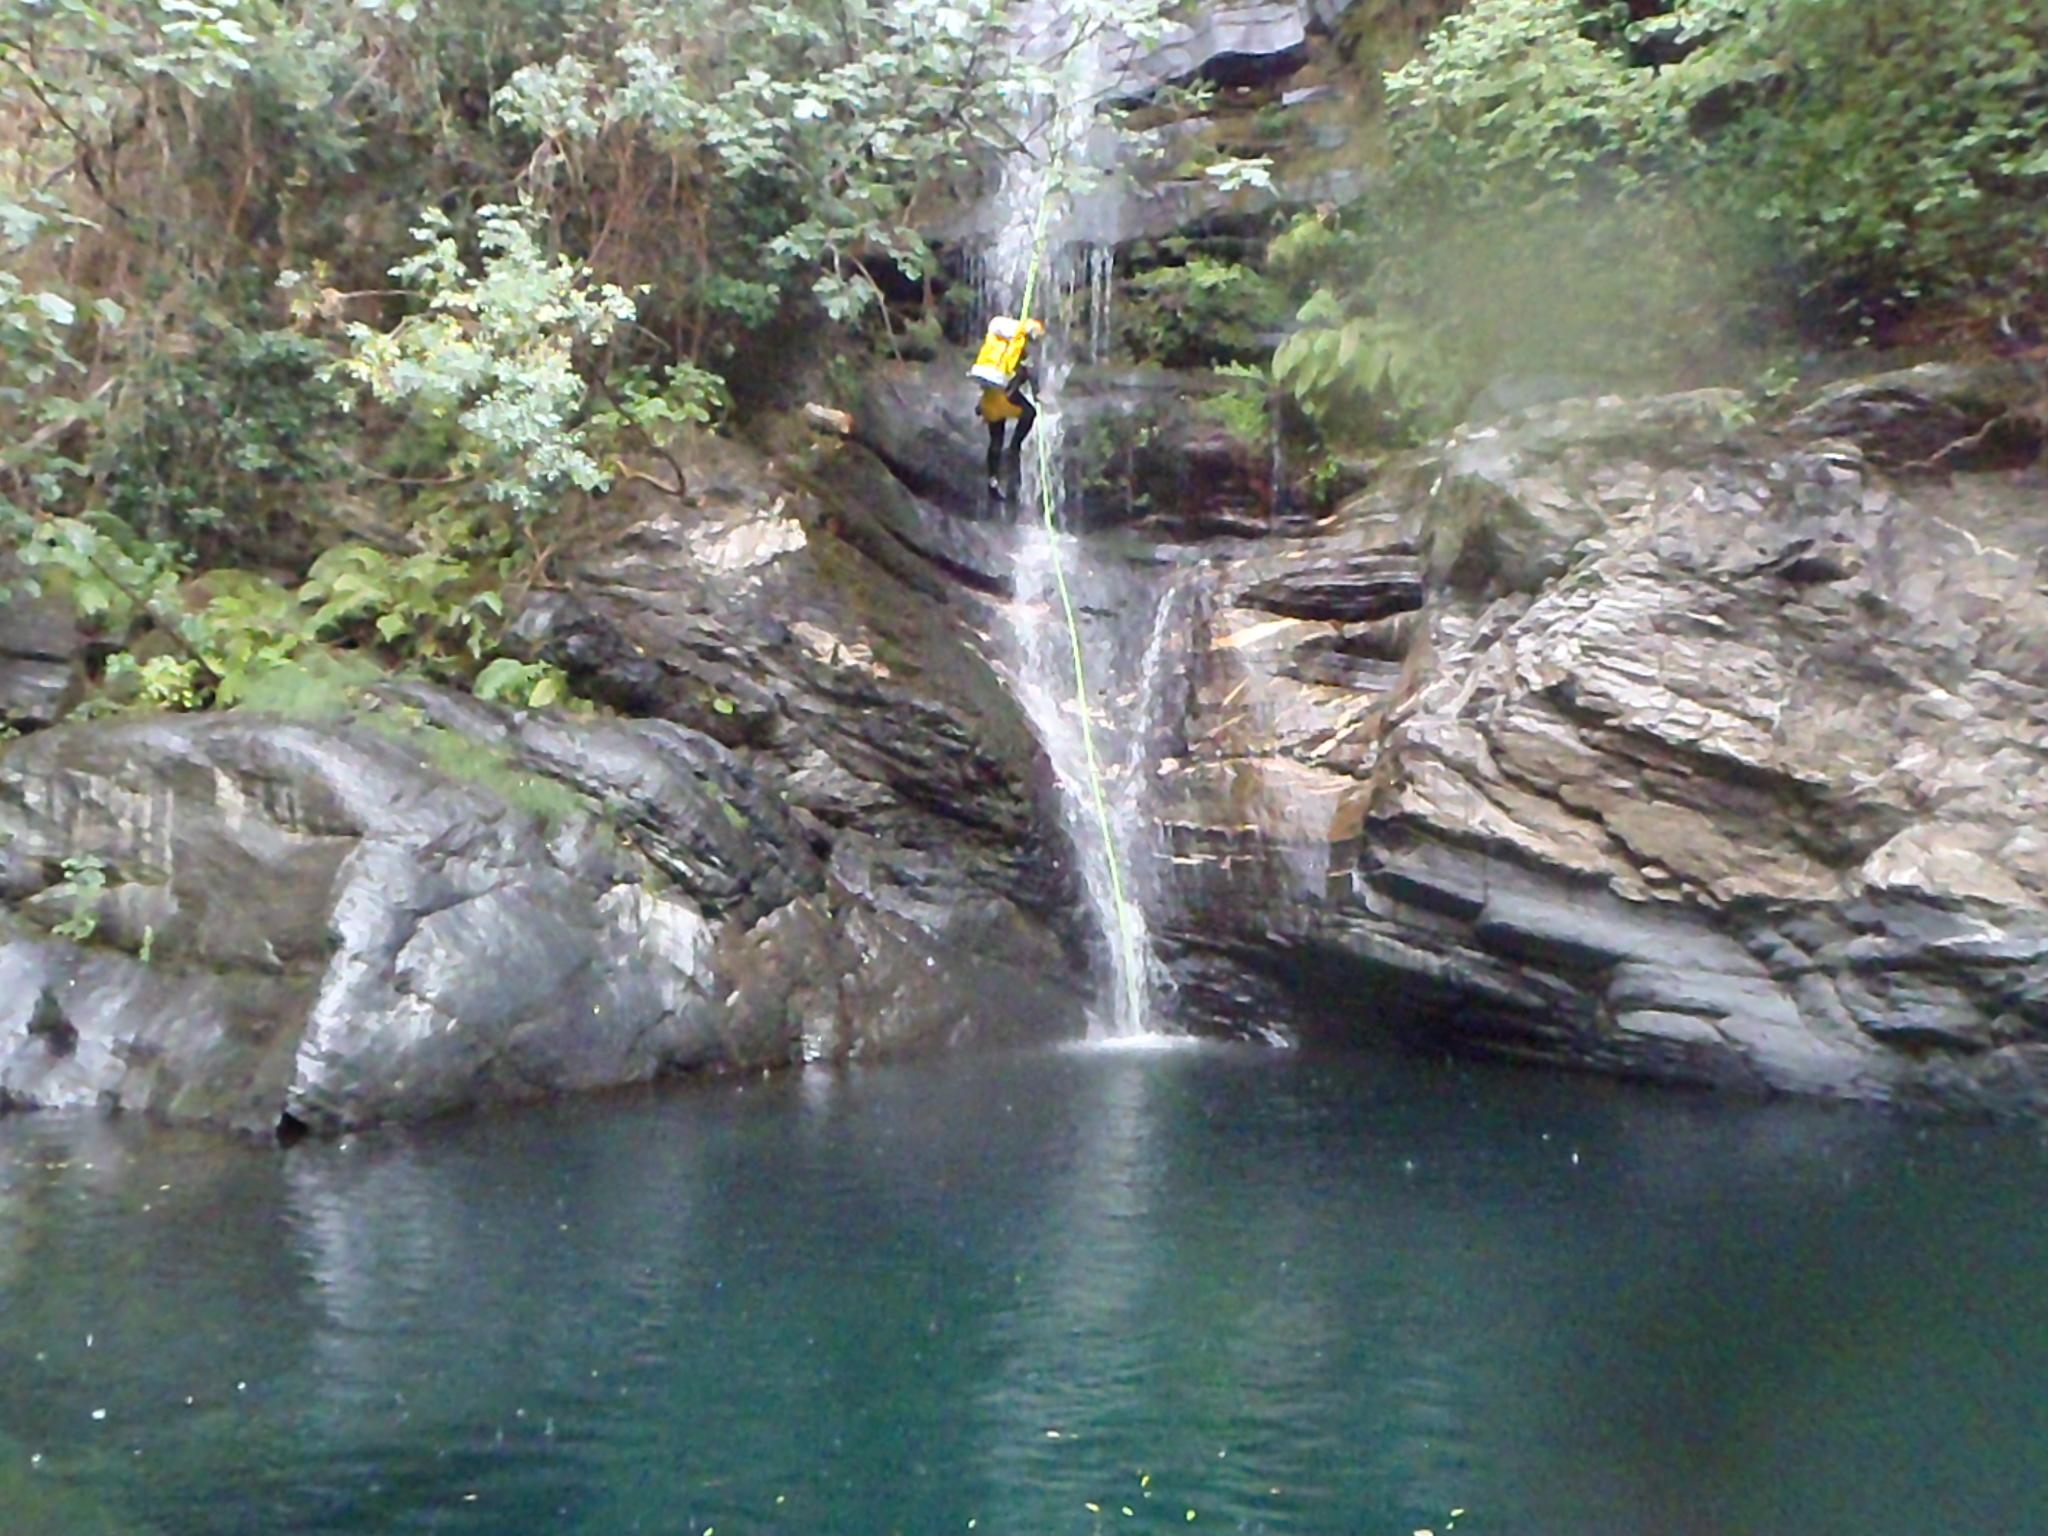 Descubre todos los secretos sobre la realización de deportes extremos en Galicia